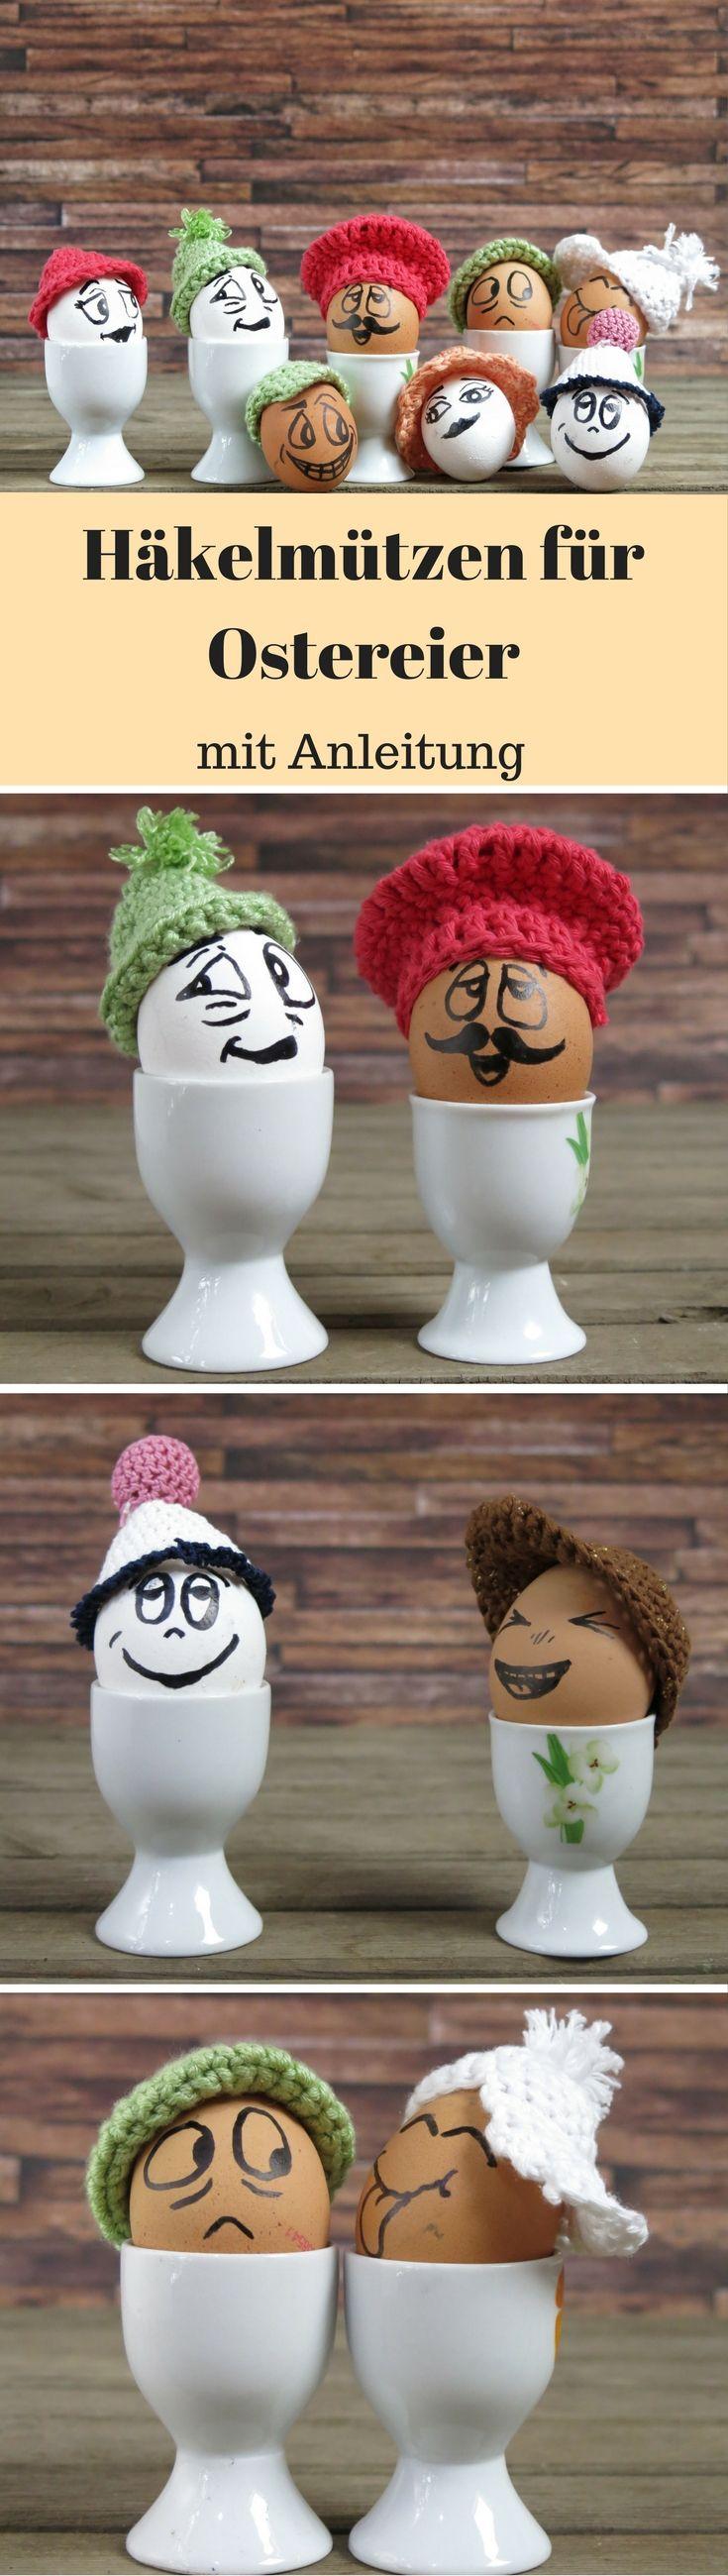 So, hier ist nun meine erste Anleitung für einfache Häkelmützen. Damit es an Ostern etwas bunter wird bekommen bei uns die Eier Mützchen auf. Das hält gekochte Eier länger warm und sieht obendrein noch witzig aus. Zusätzlich können die Eier natürlich auch noch bemalt werden. Gerade Ki…